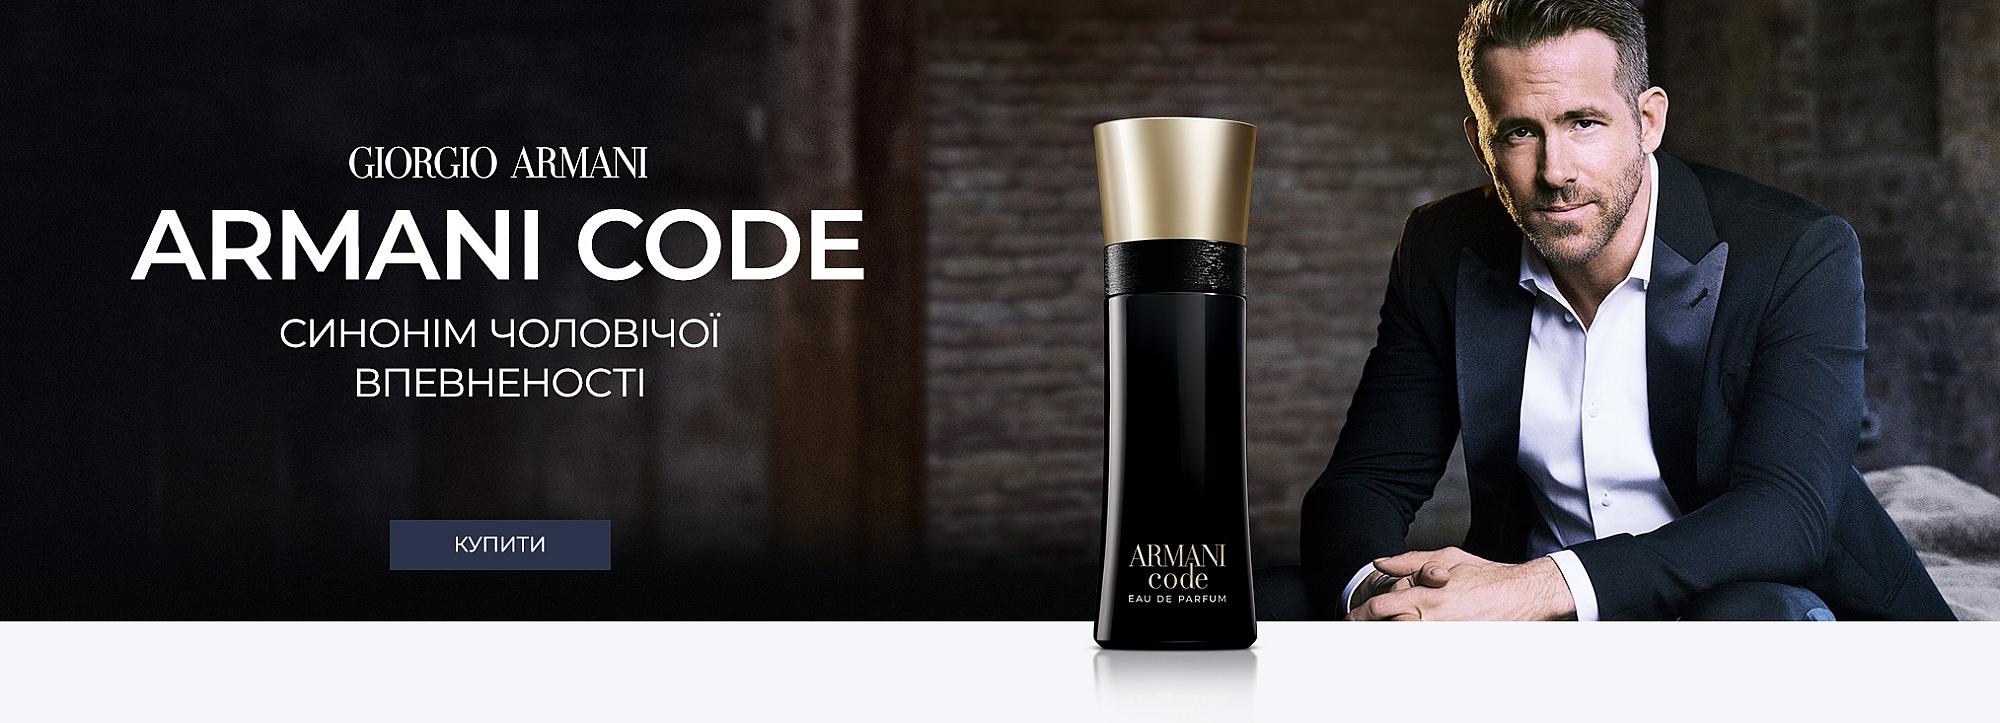 Armani Code3218